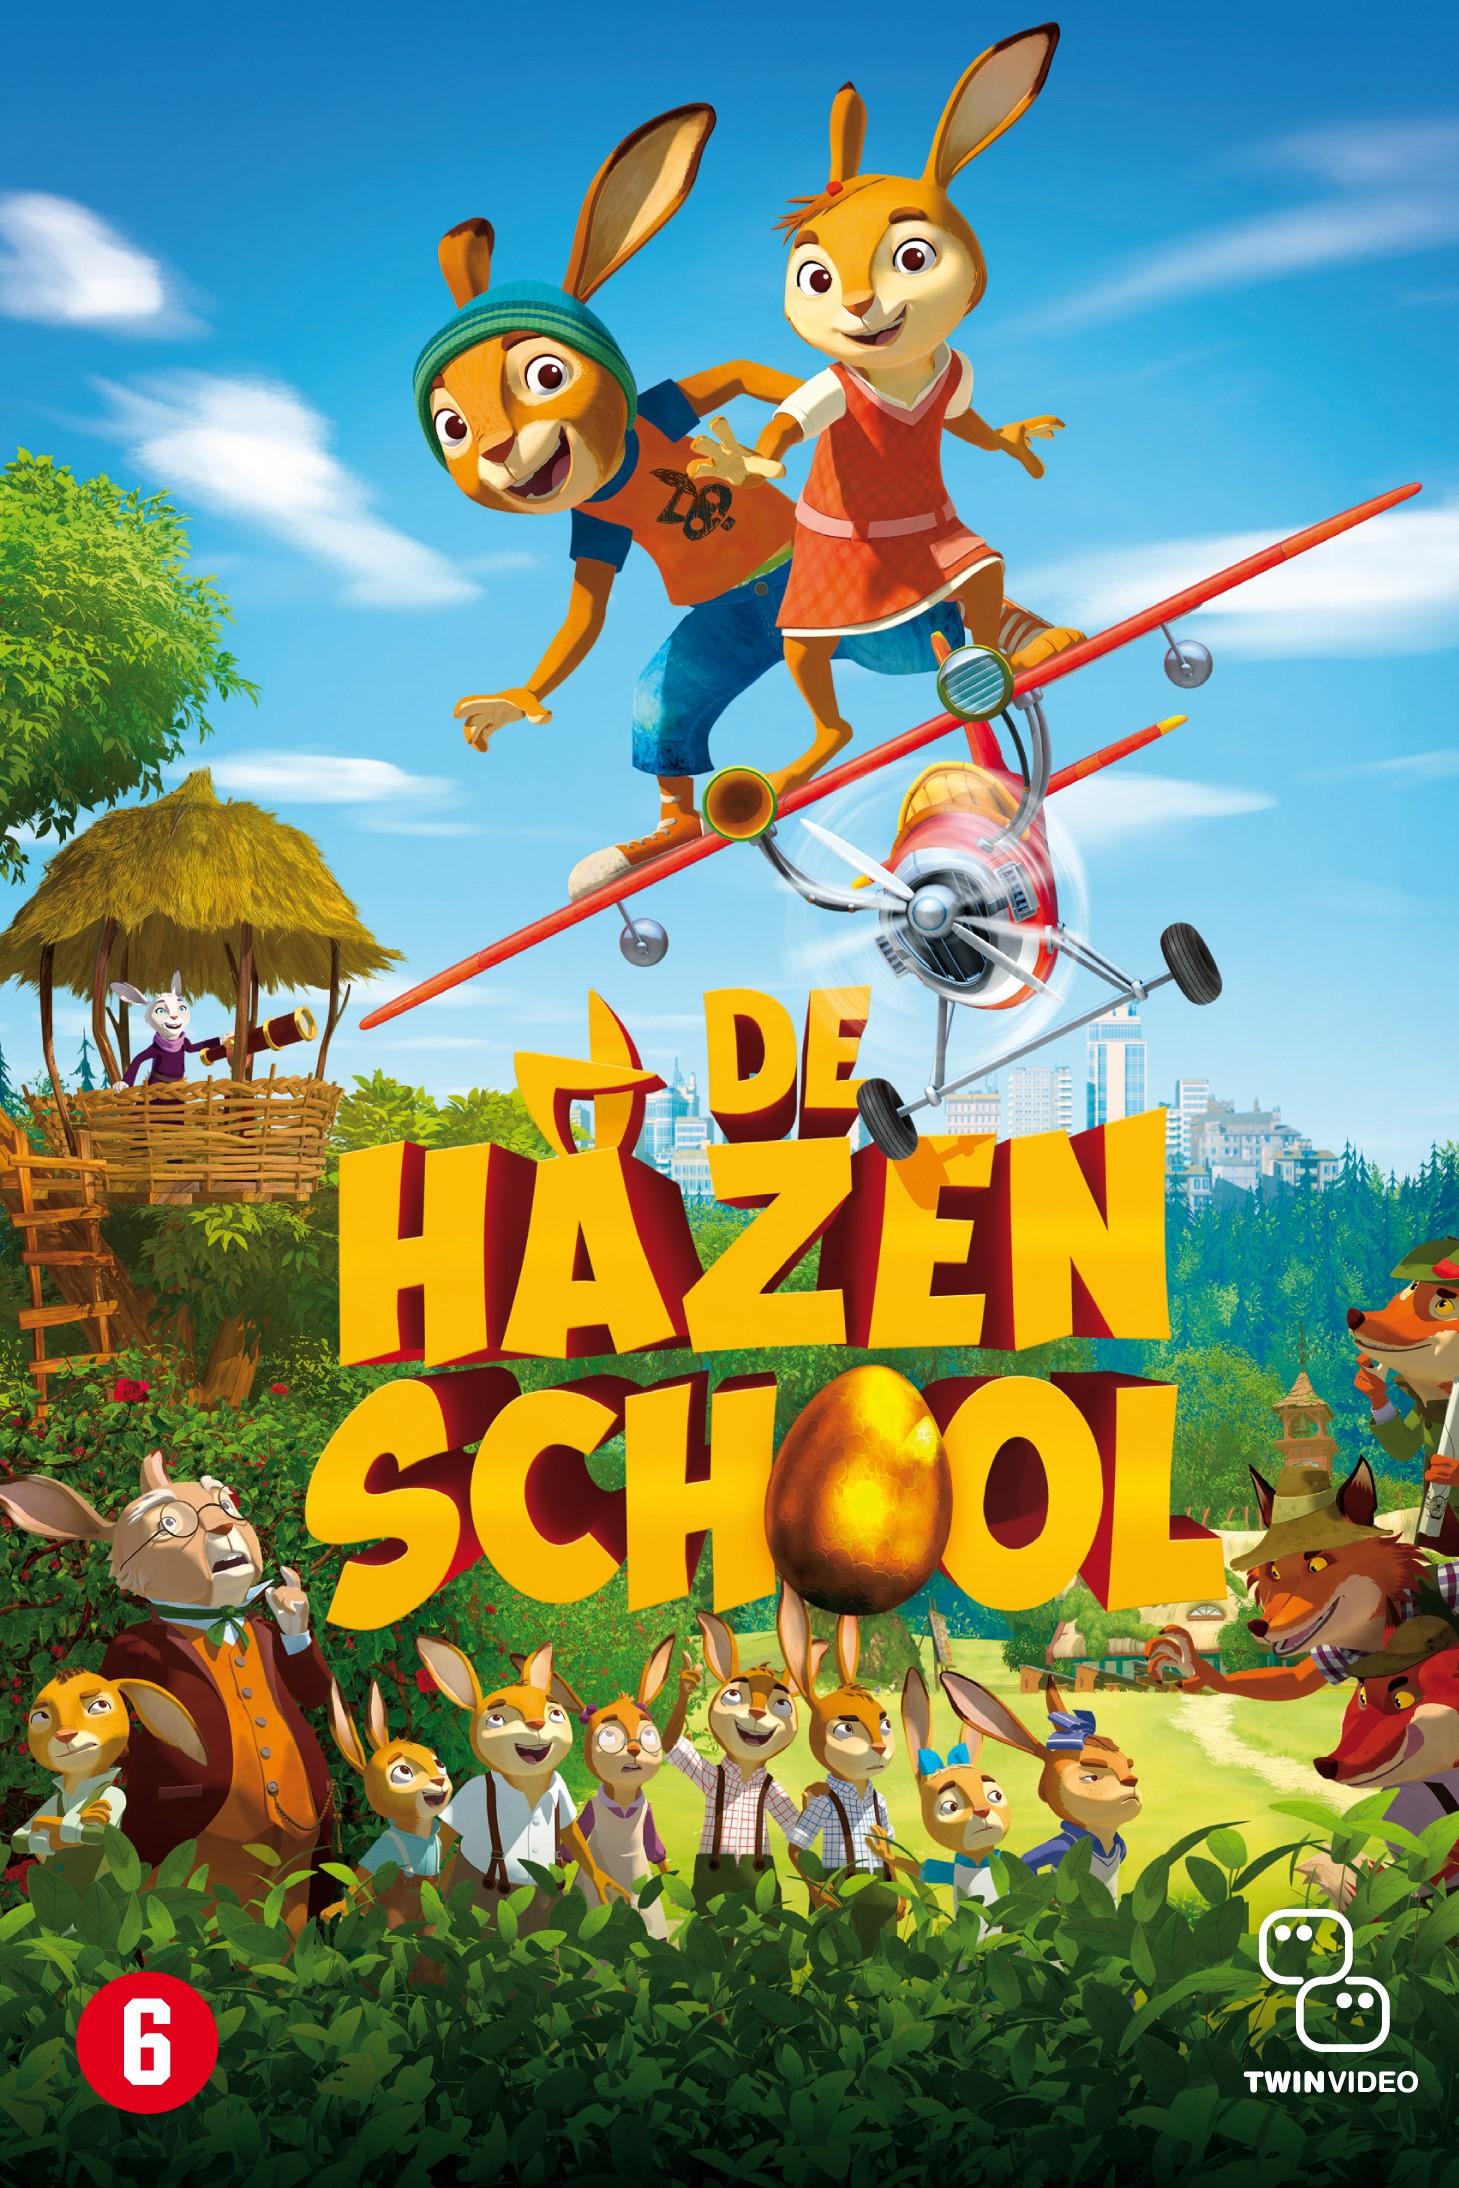 De hazenschool